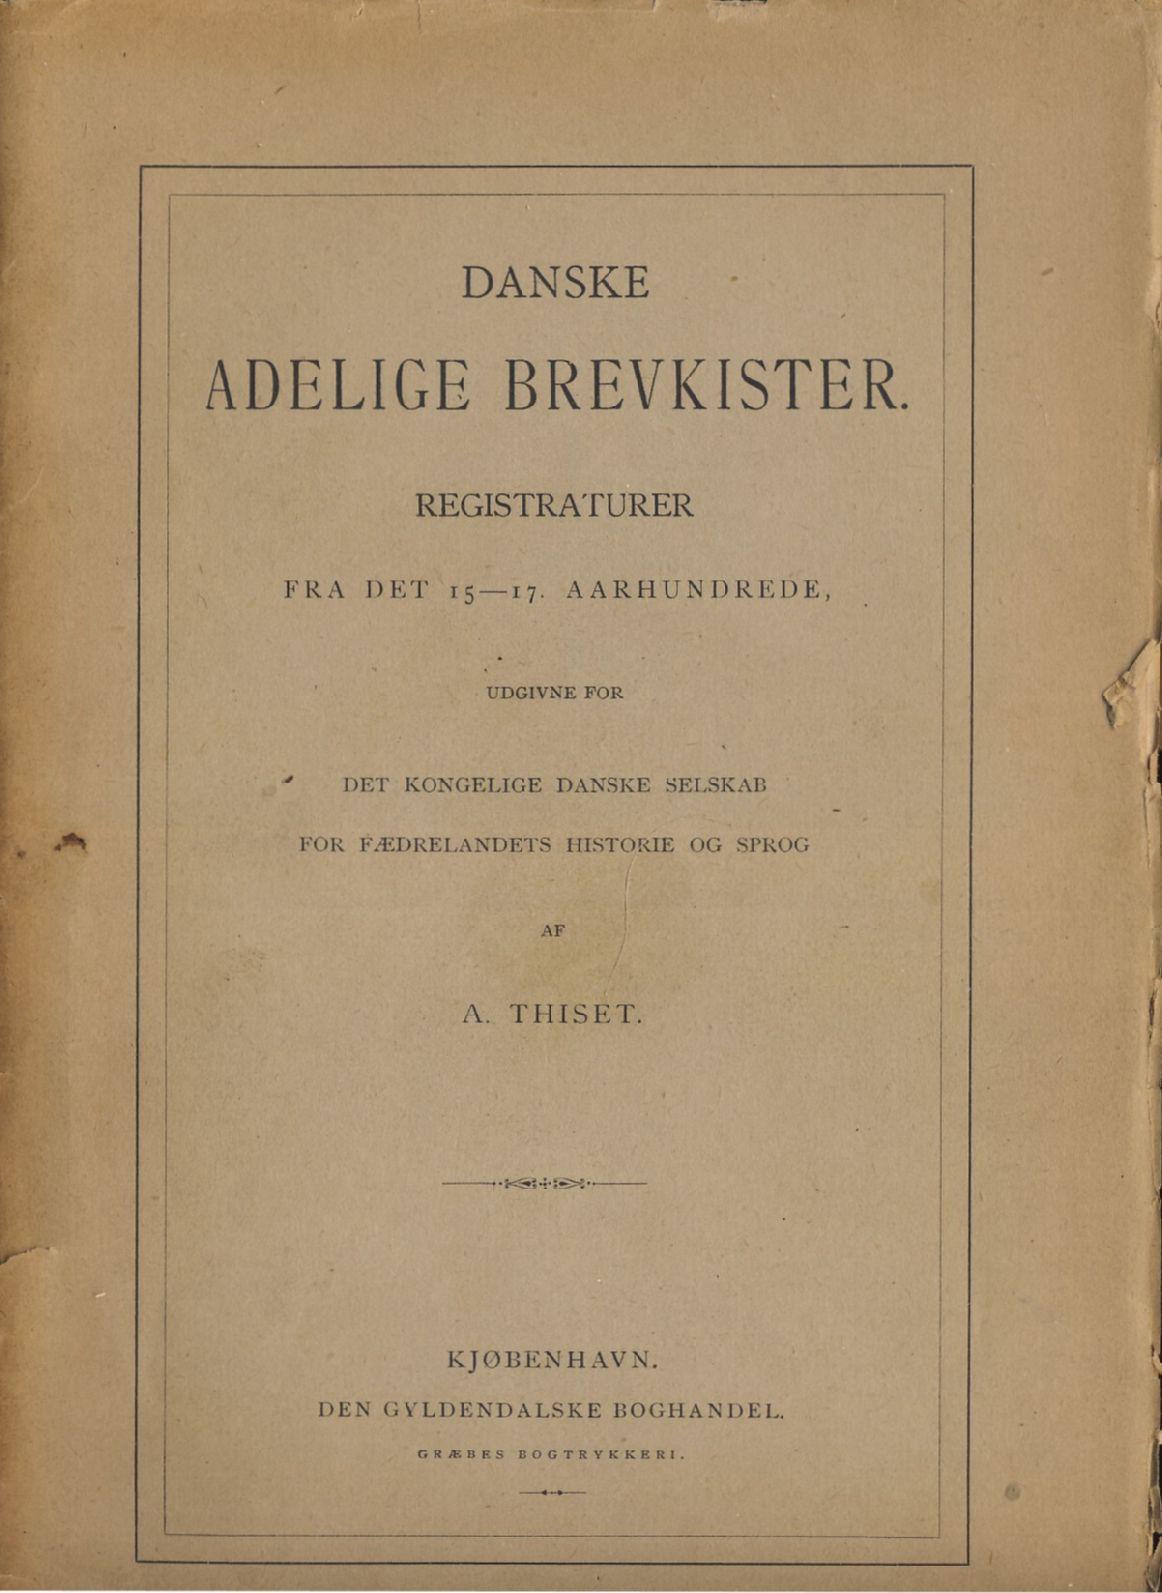 Danske Adelige Brevkister